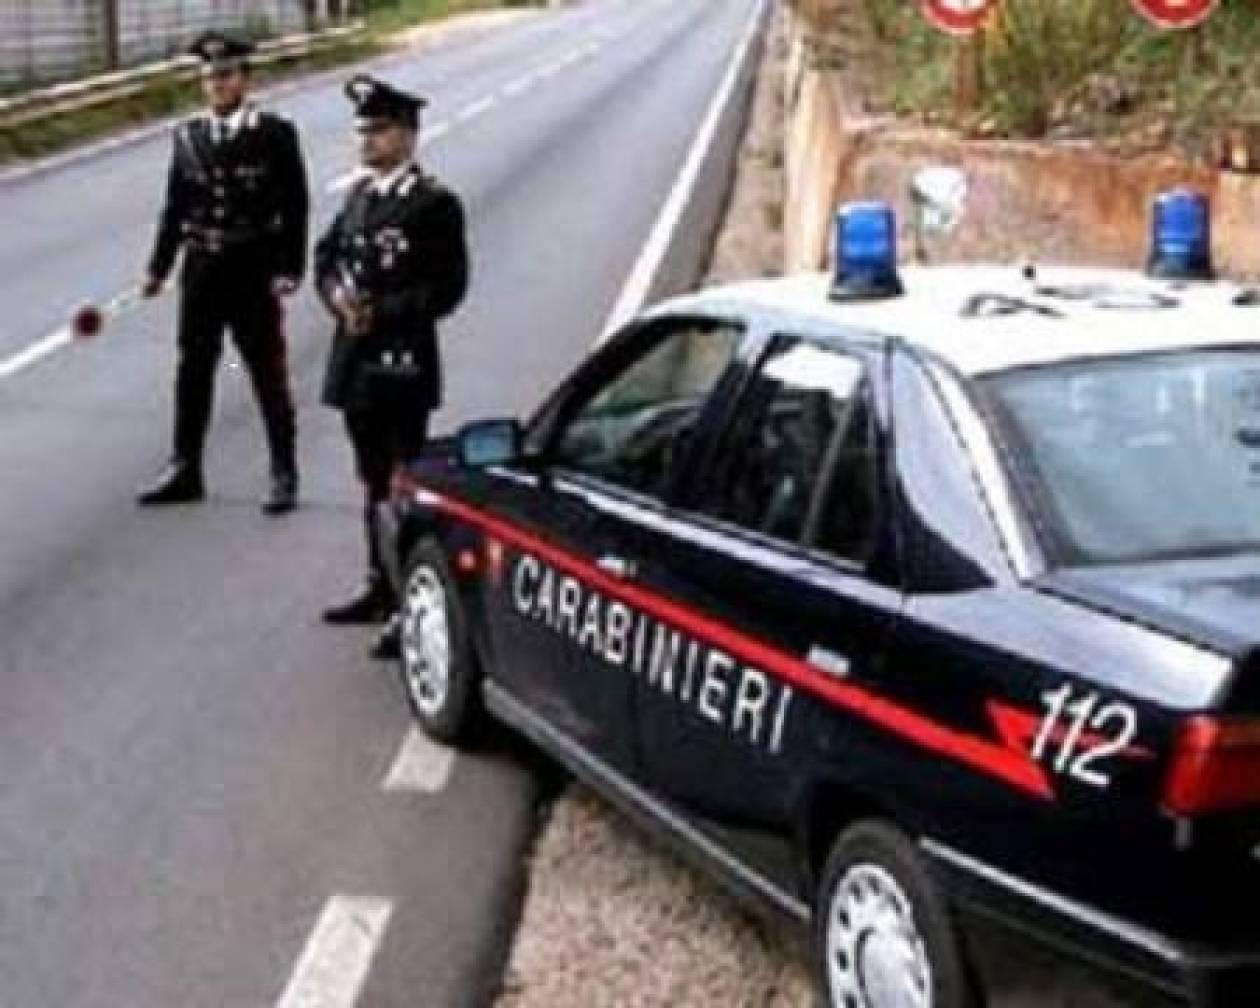 Ιταλία: Έπιασαν αφεντικό της Καμόρα με τις  πιτζάμες του!